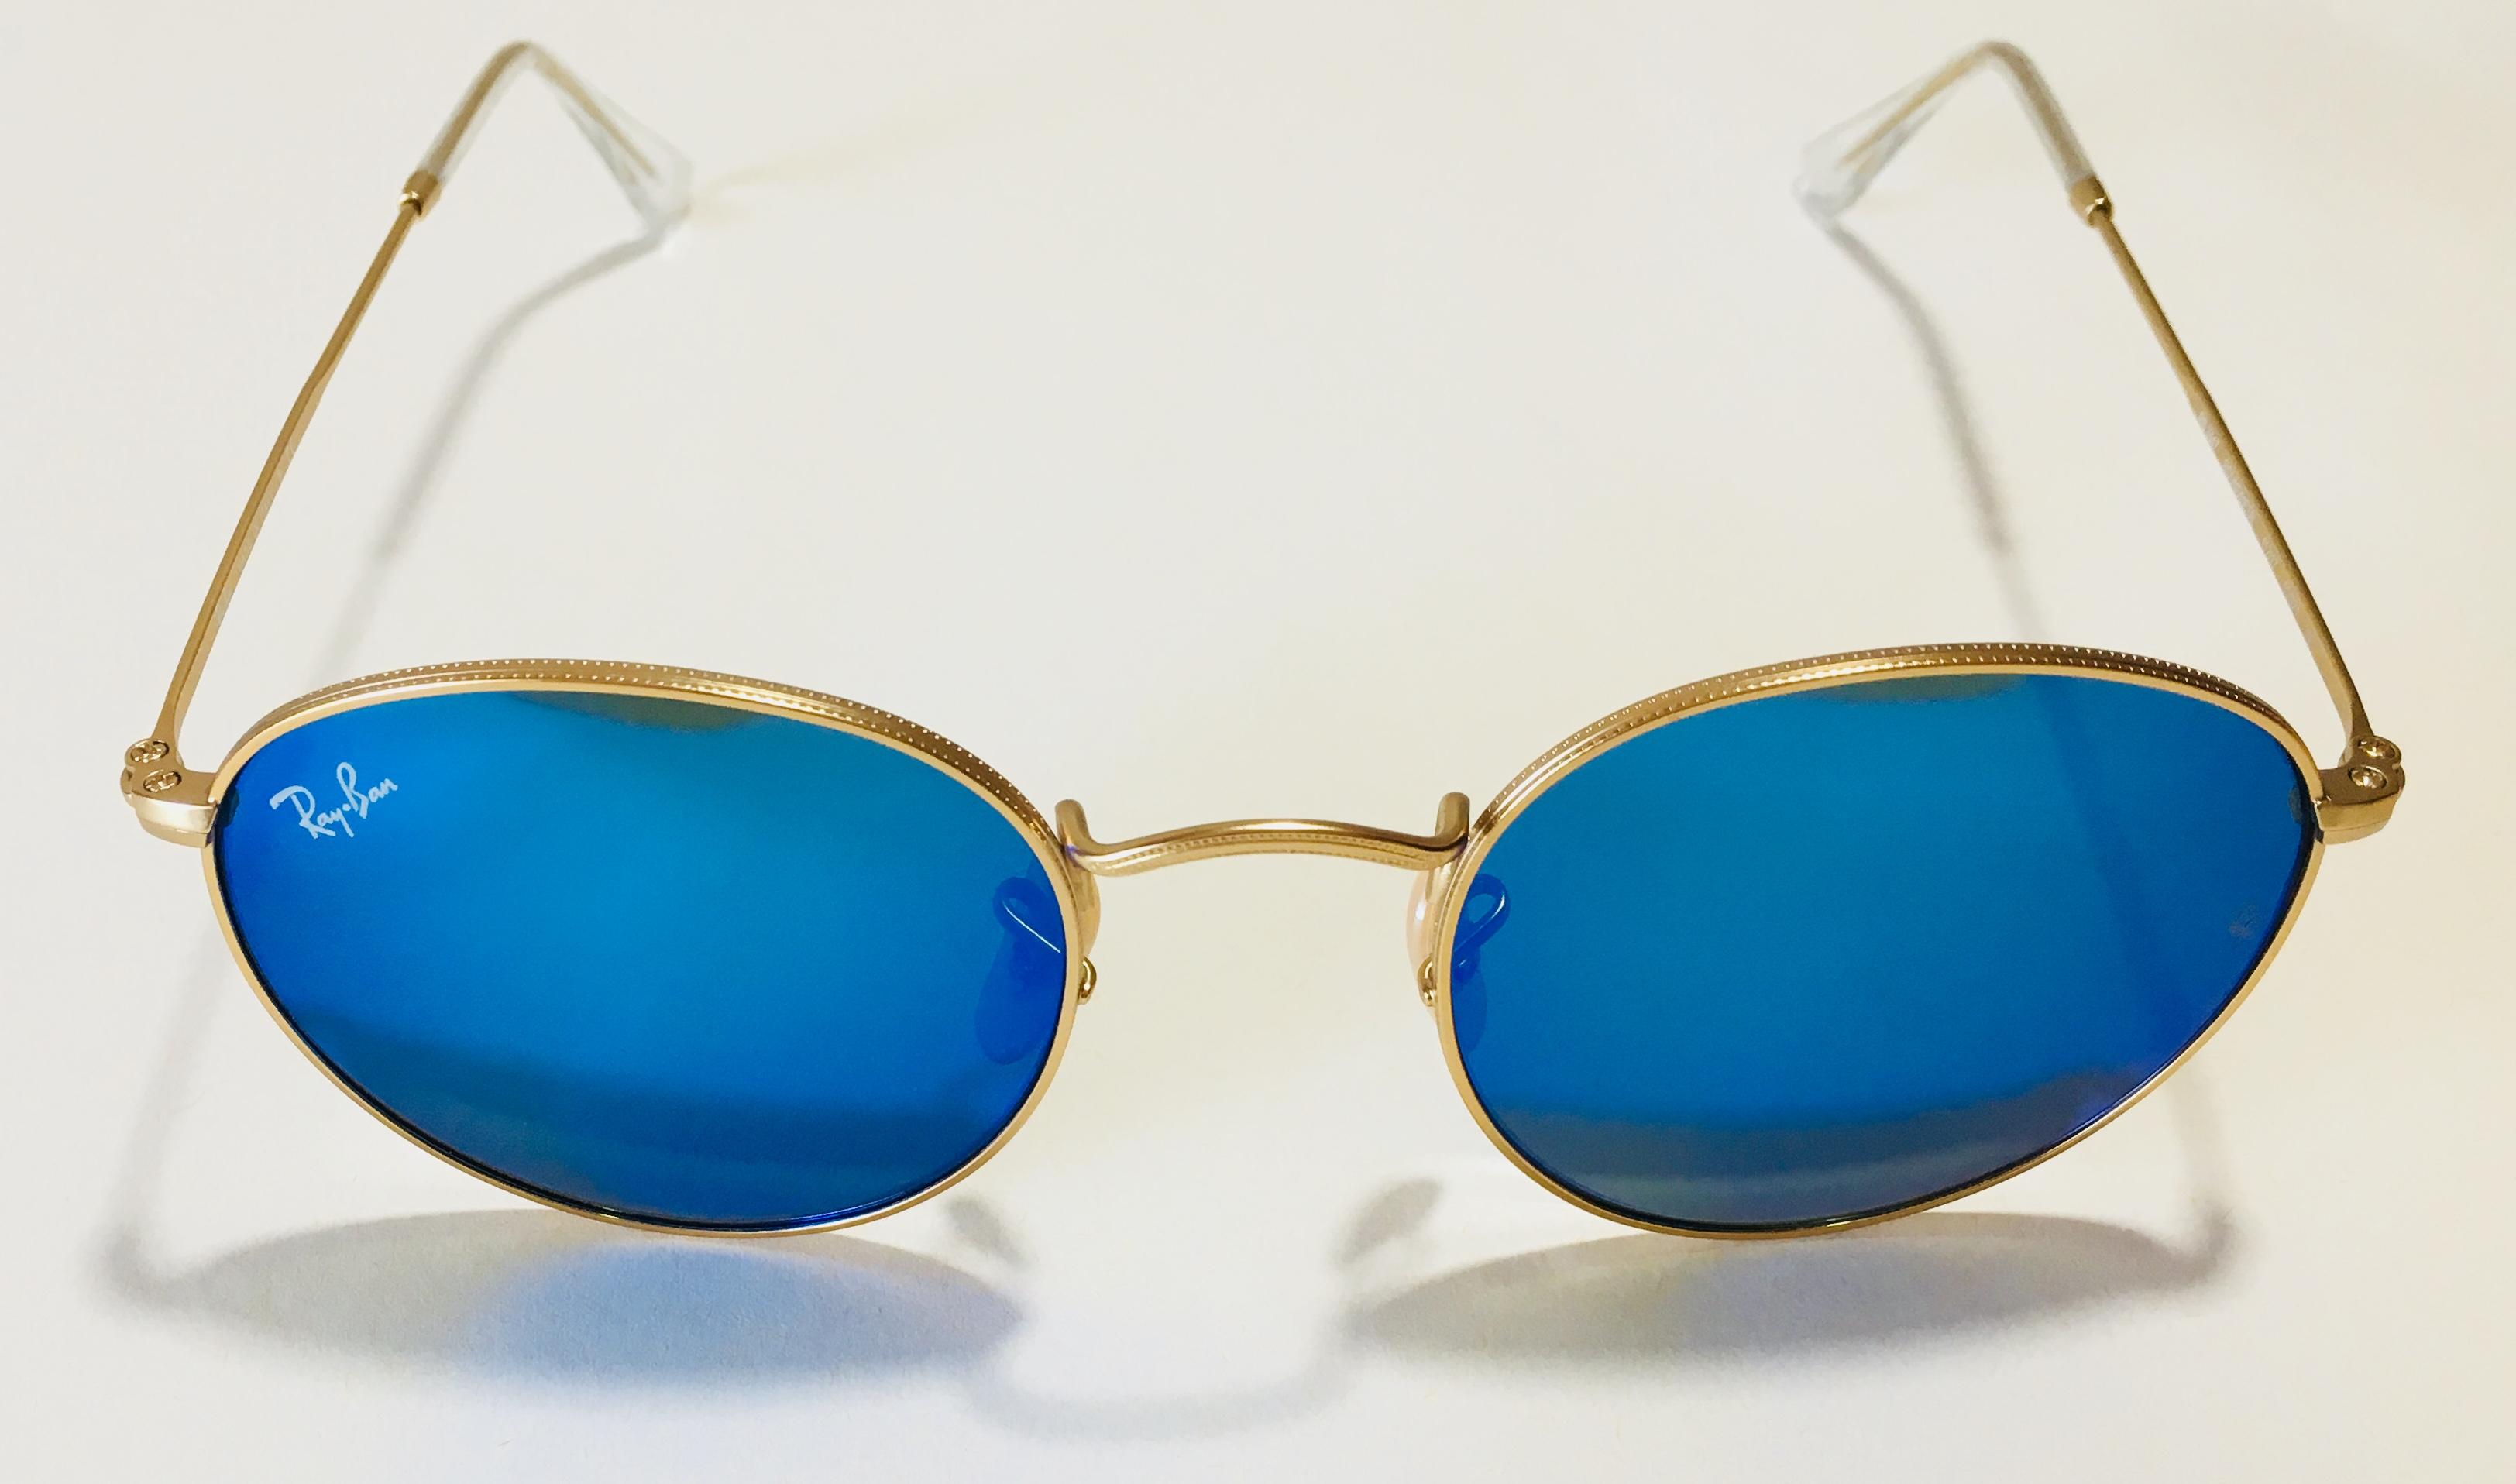 Ray ban Київ. В продажі круглі сонцезахисні окуляри недорого f45150f056840